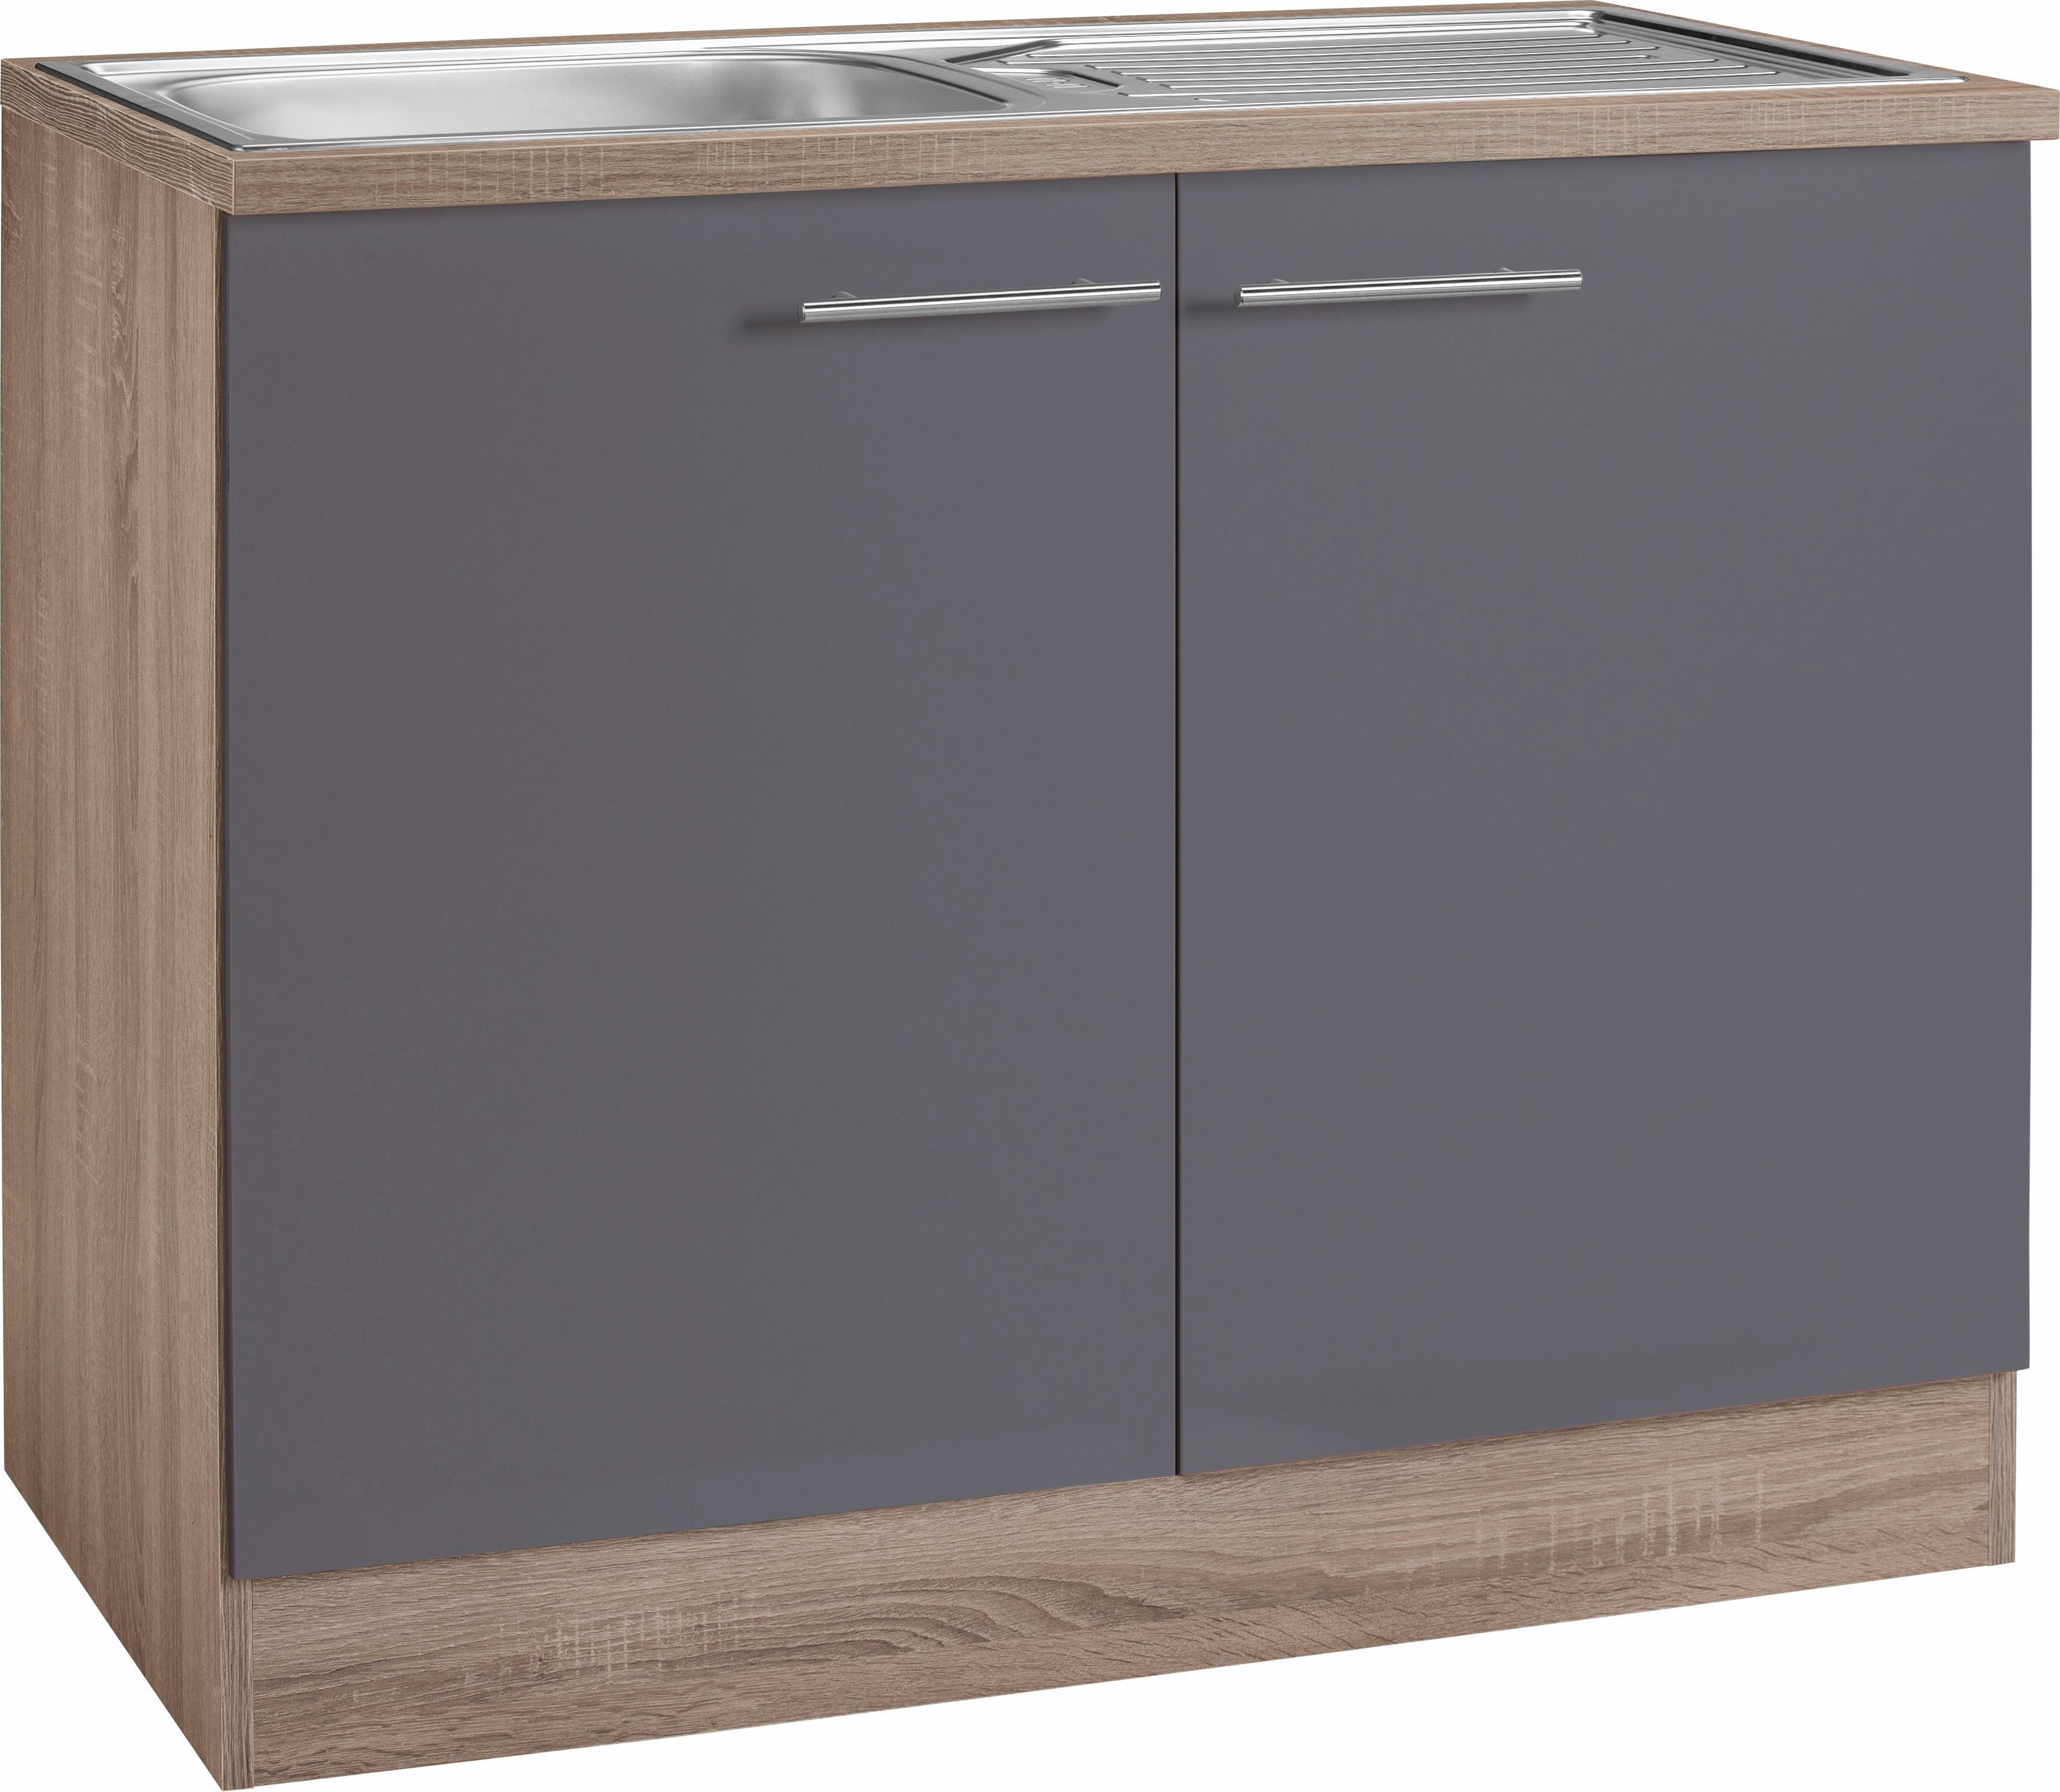 Spulenunterschrank 100 cm breit rc55 hitoiro for Küchenschrank 50 cm breit